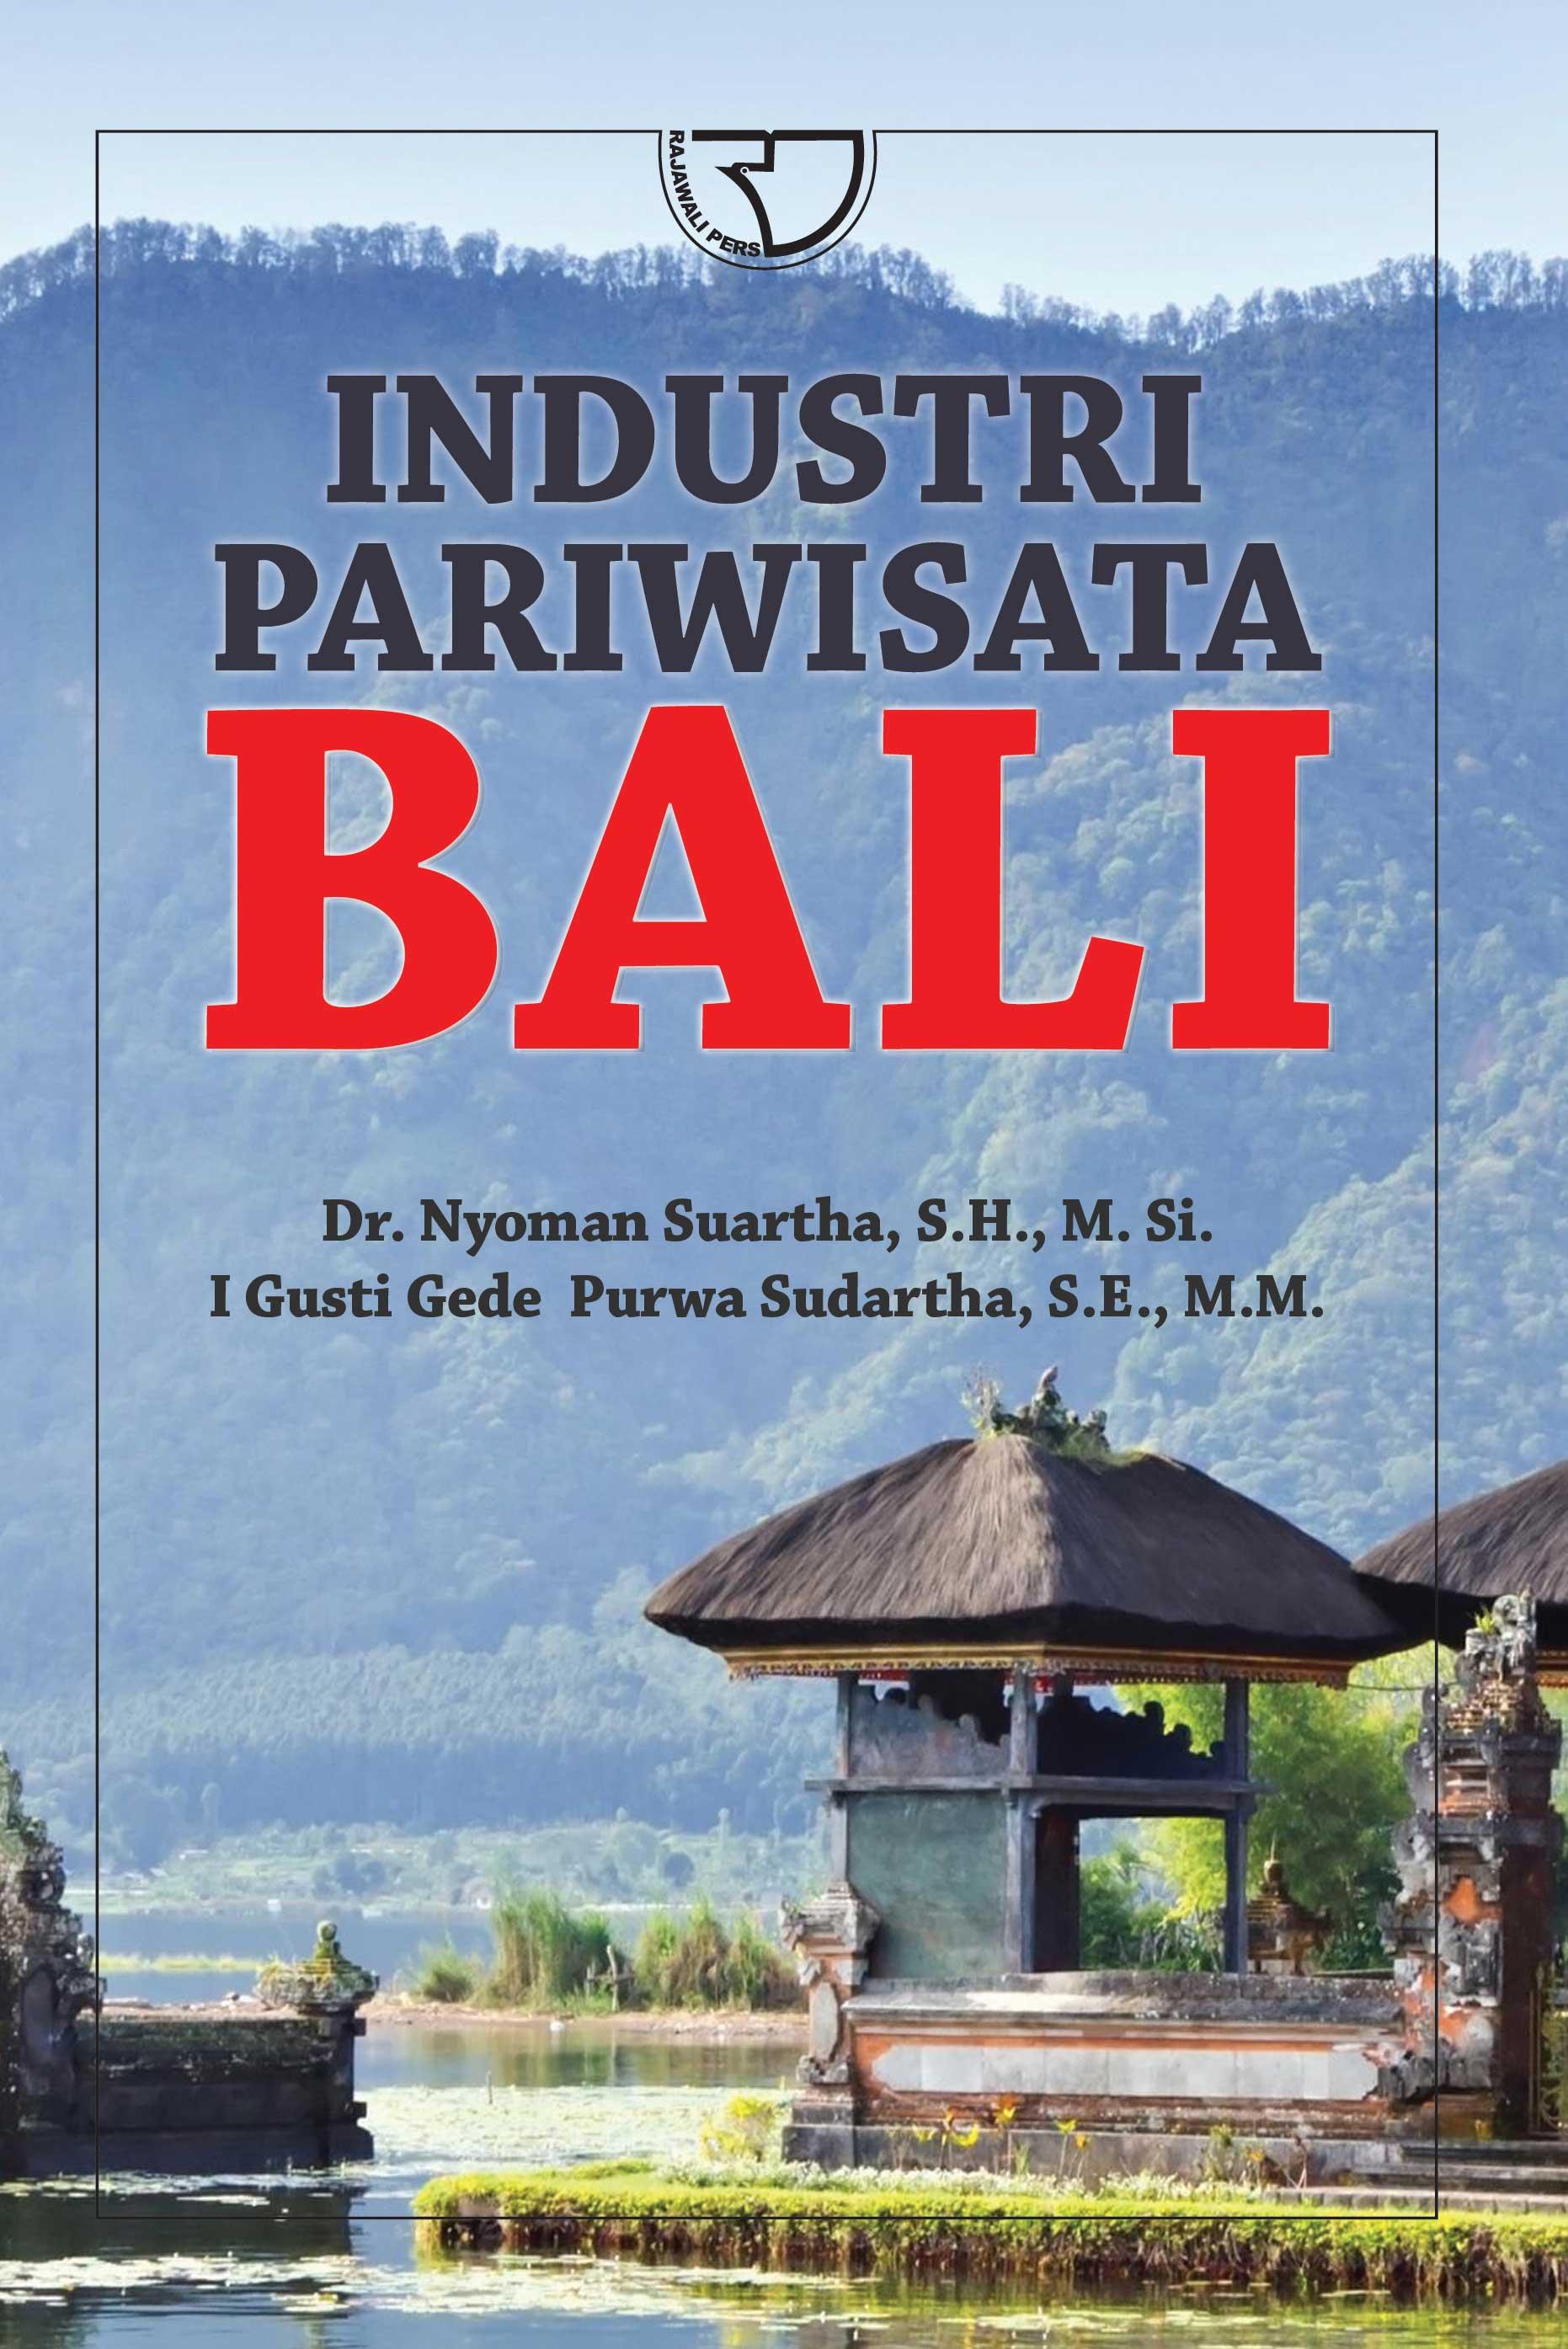 Industri Pariwisata Bali Nyoman Suanta I Gusti Gede